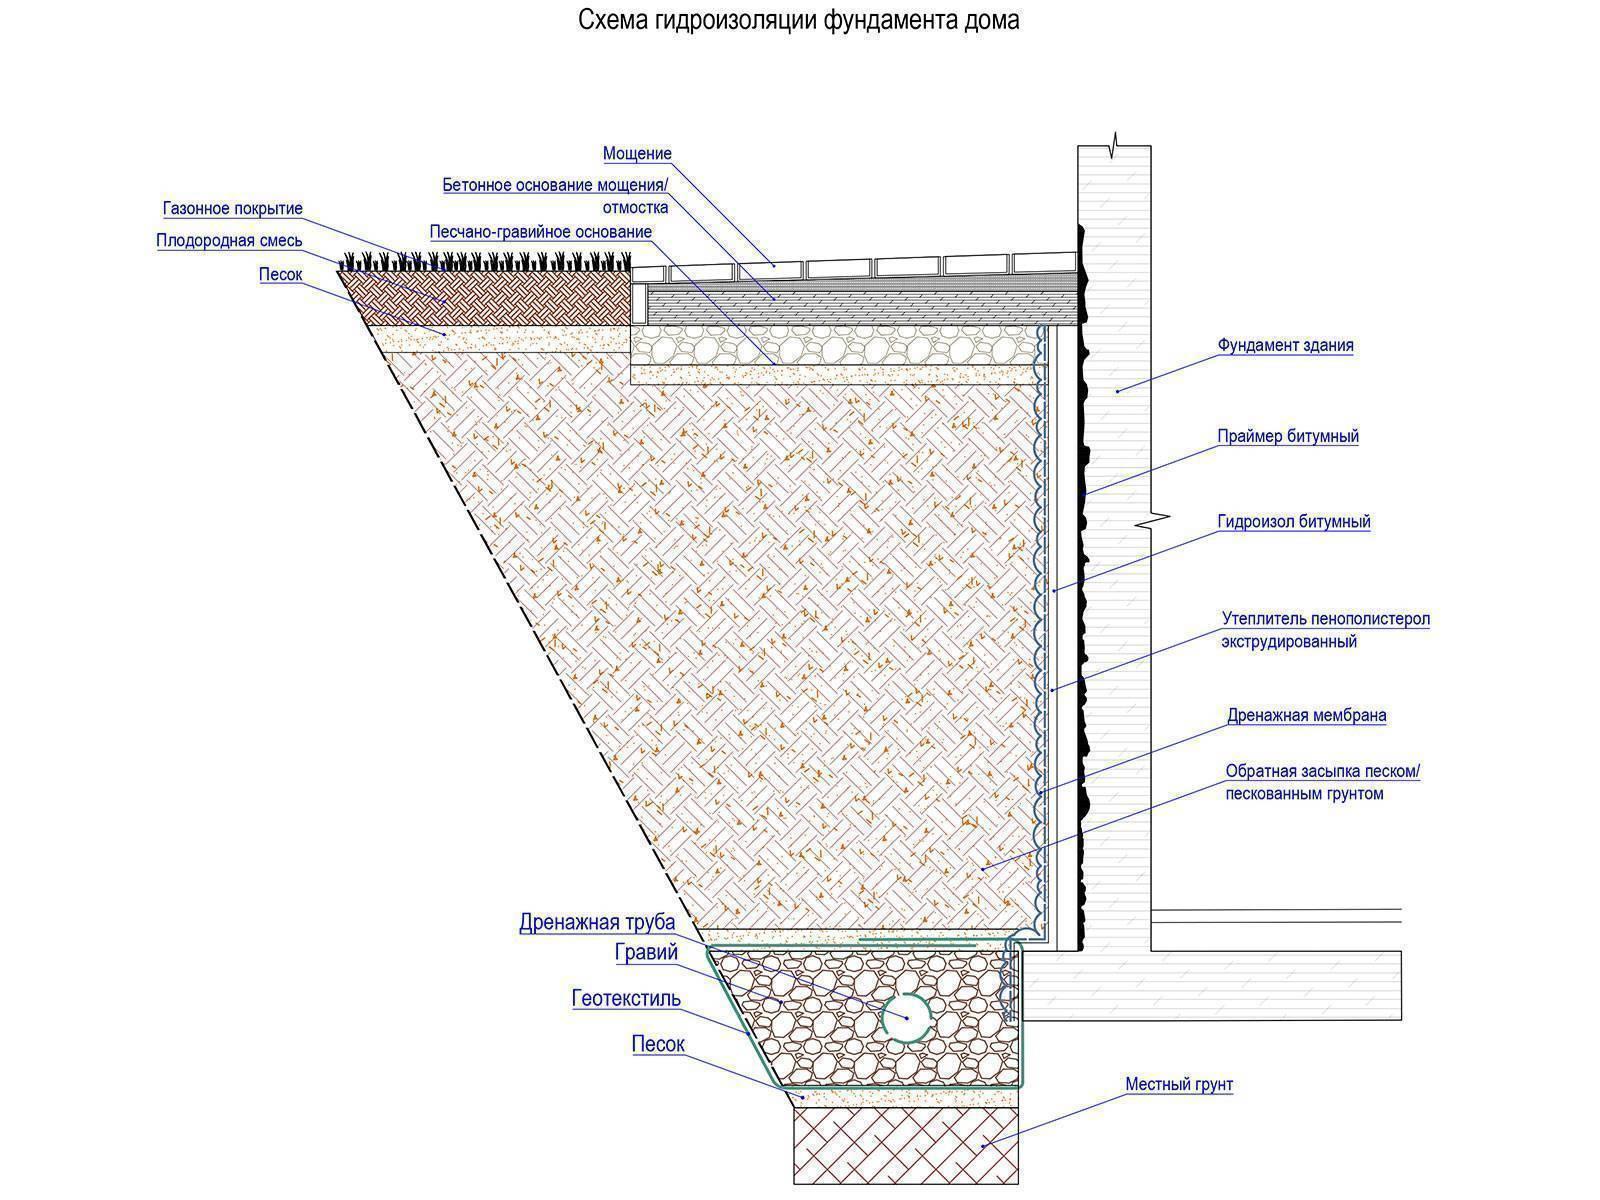 Дренаж фундамента - схема, снип. пристенный дренаж ленточного фундамента. устройство дренажной системы водоотвода от фундамента зданий